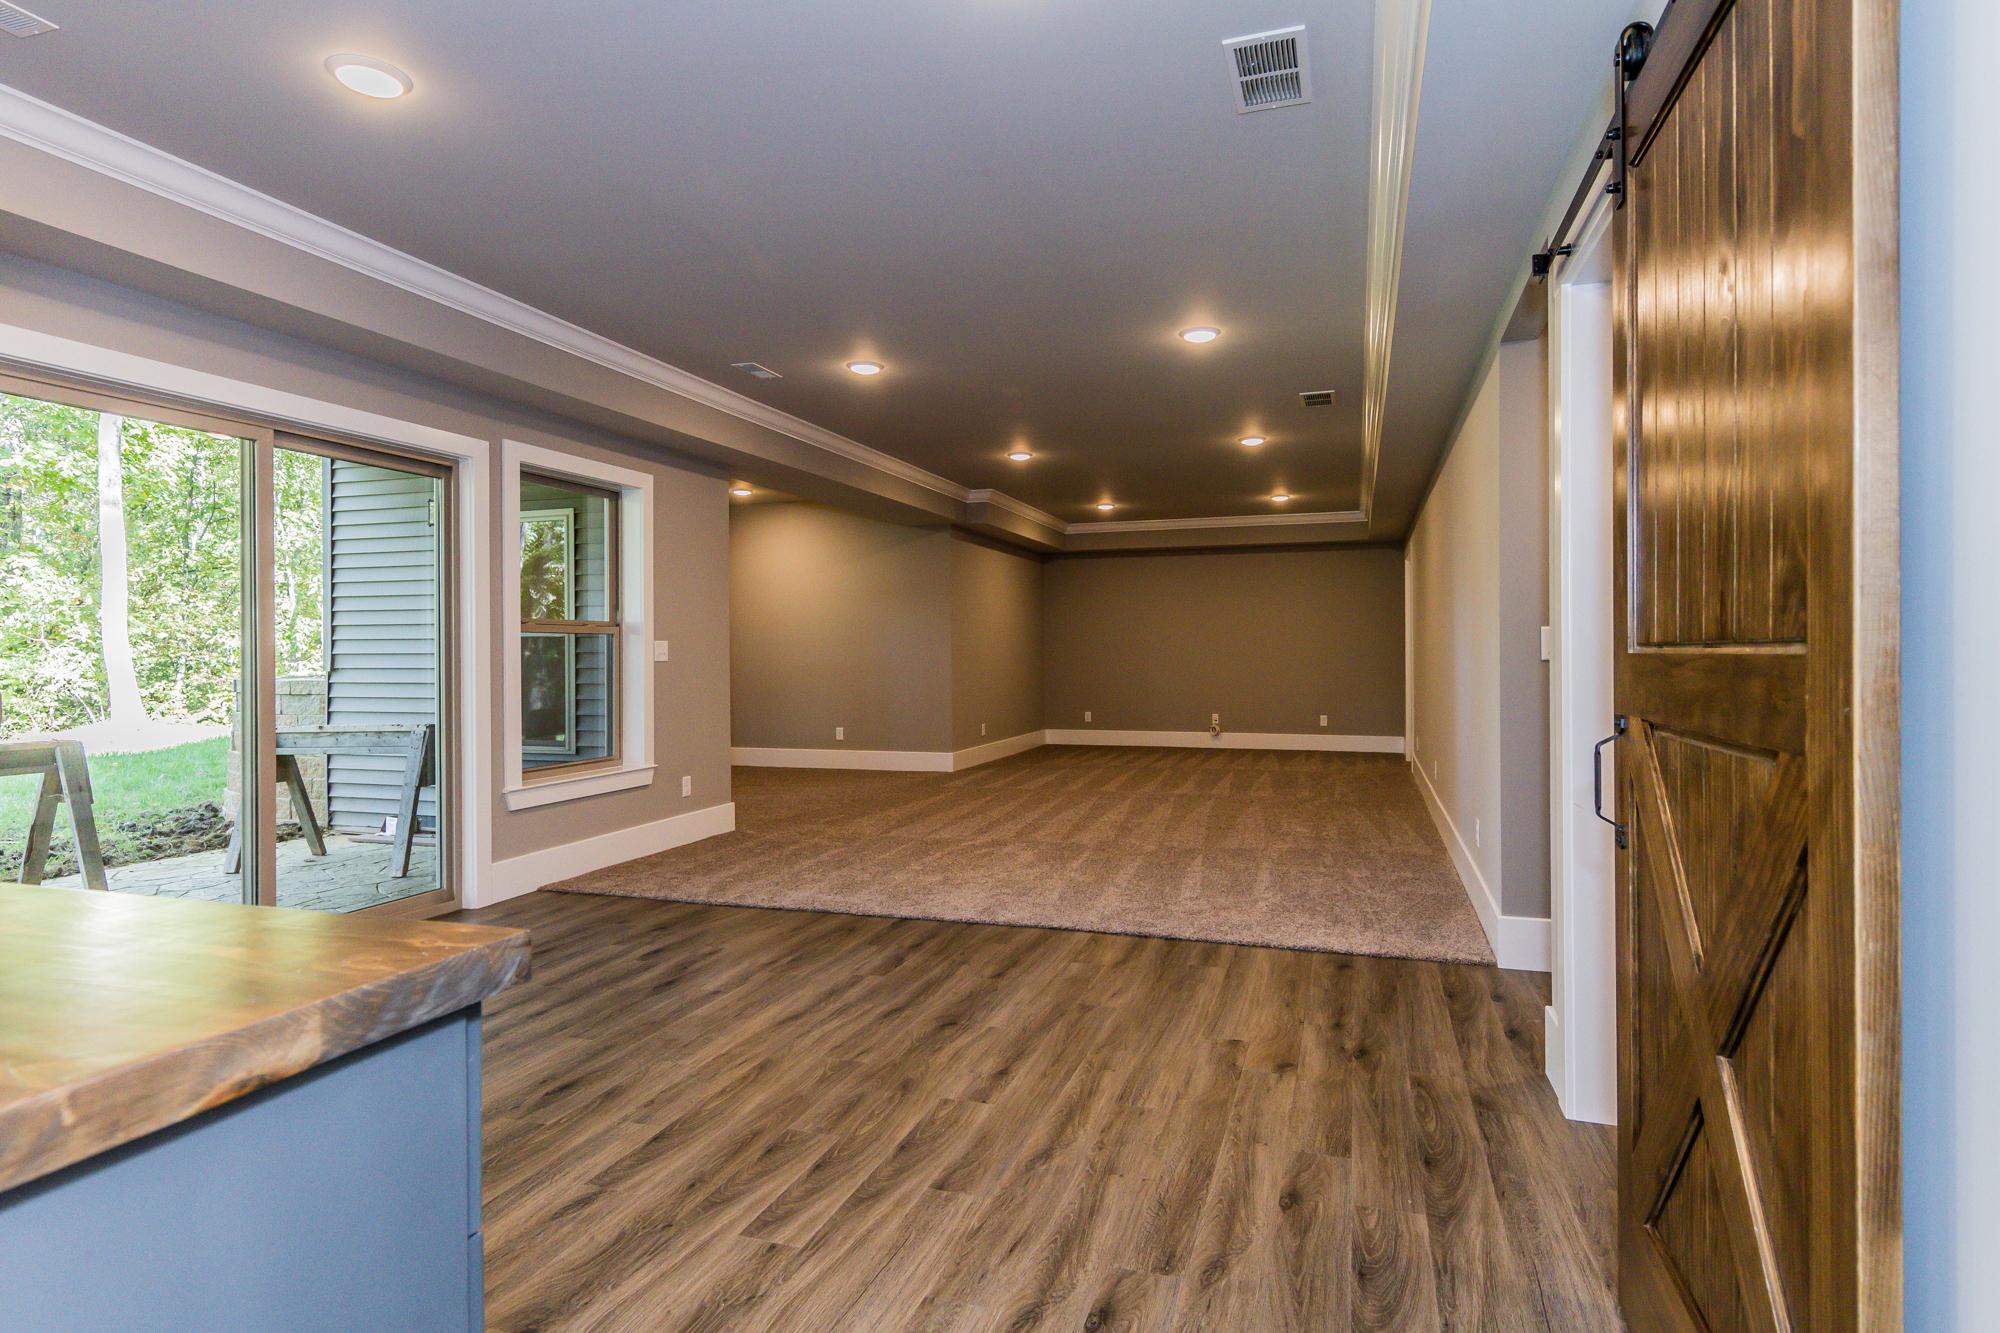 2-Scott-AFB-Real-Estate-For-Sale-O'Fallon-Illinois-62269-44.jpg